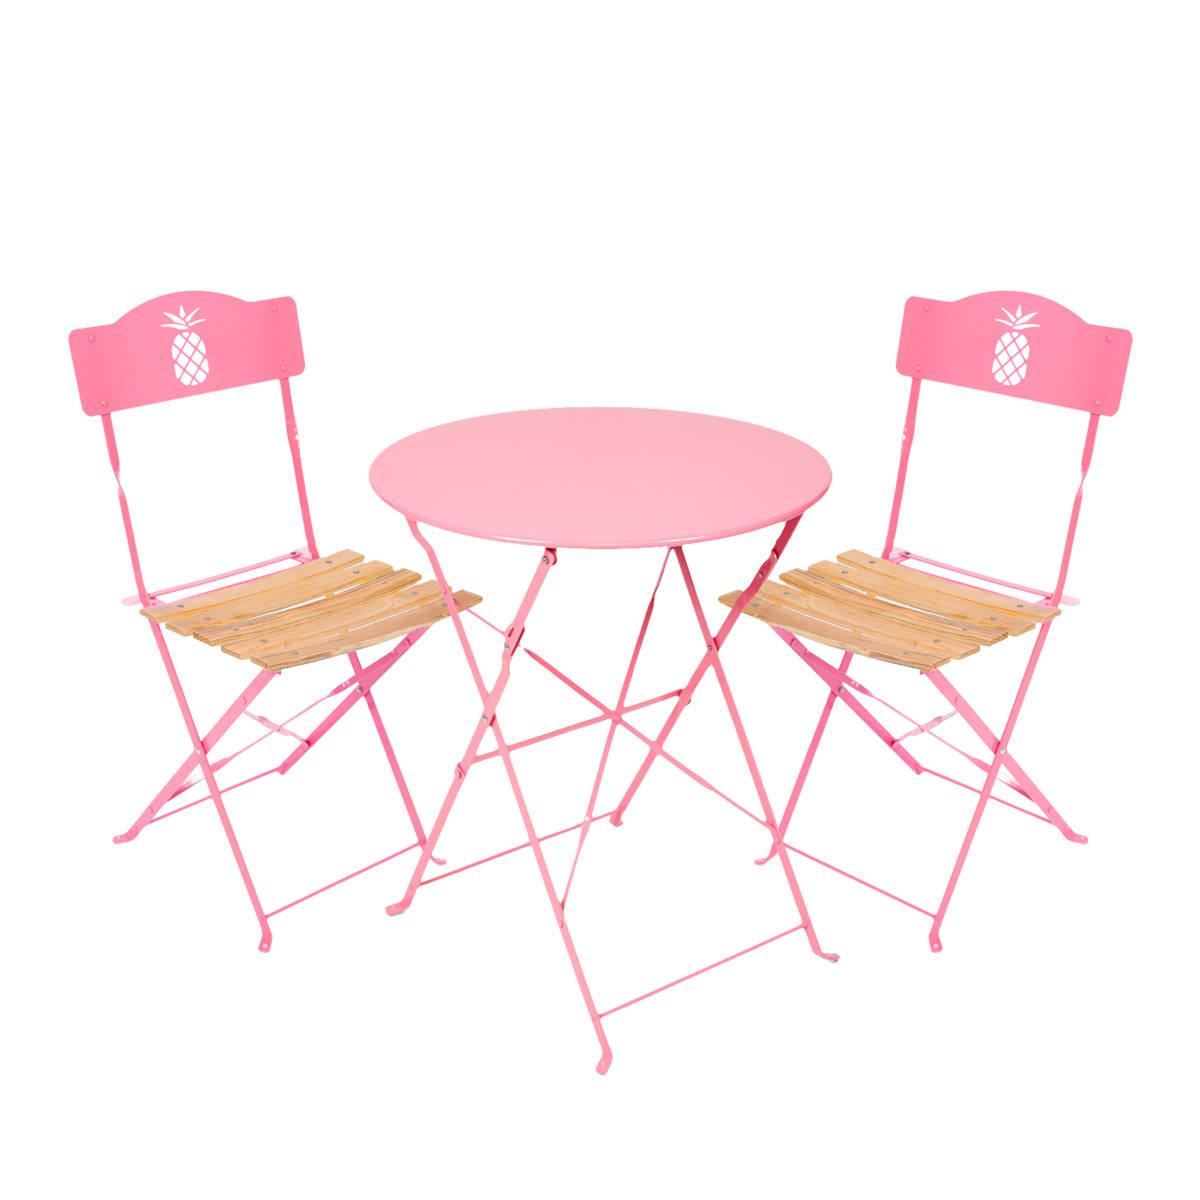 Table De Jardin Bois Pas Cher Schème - Idees Conception Jardin destiné Table De Jardin Ronde Pas Cher